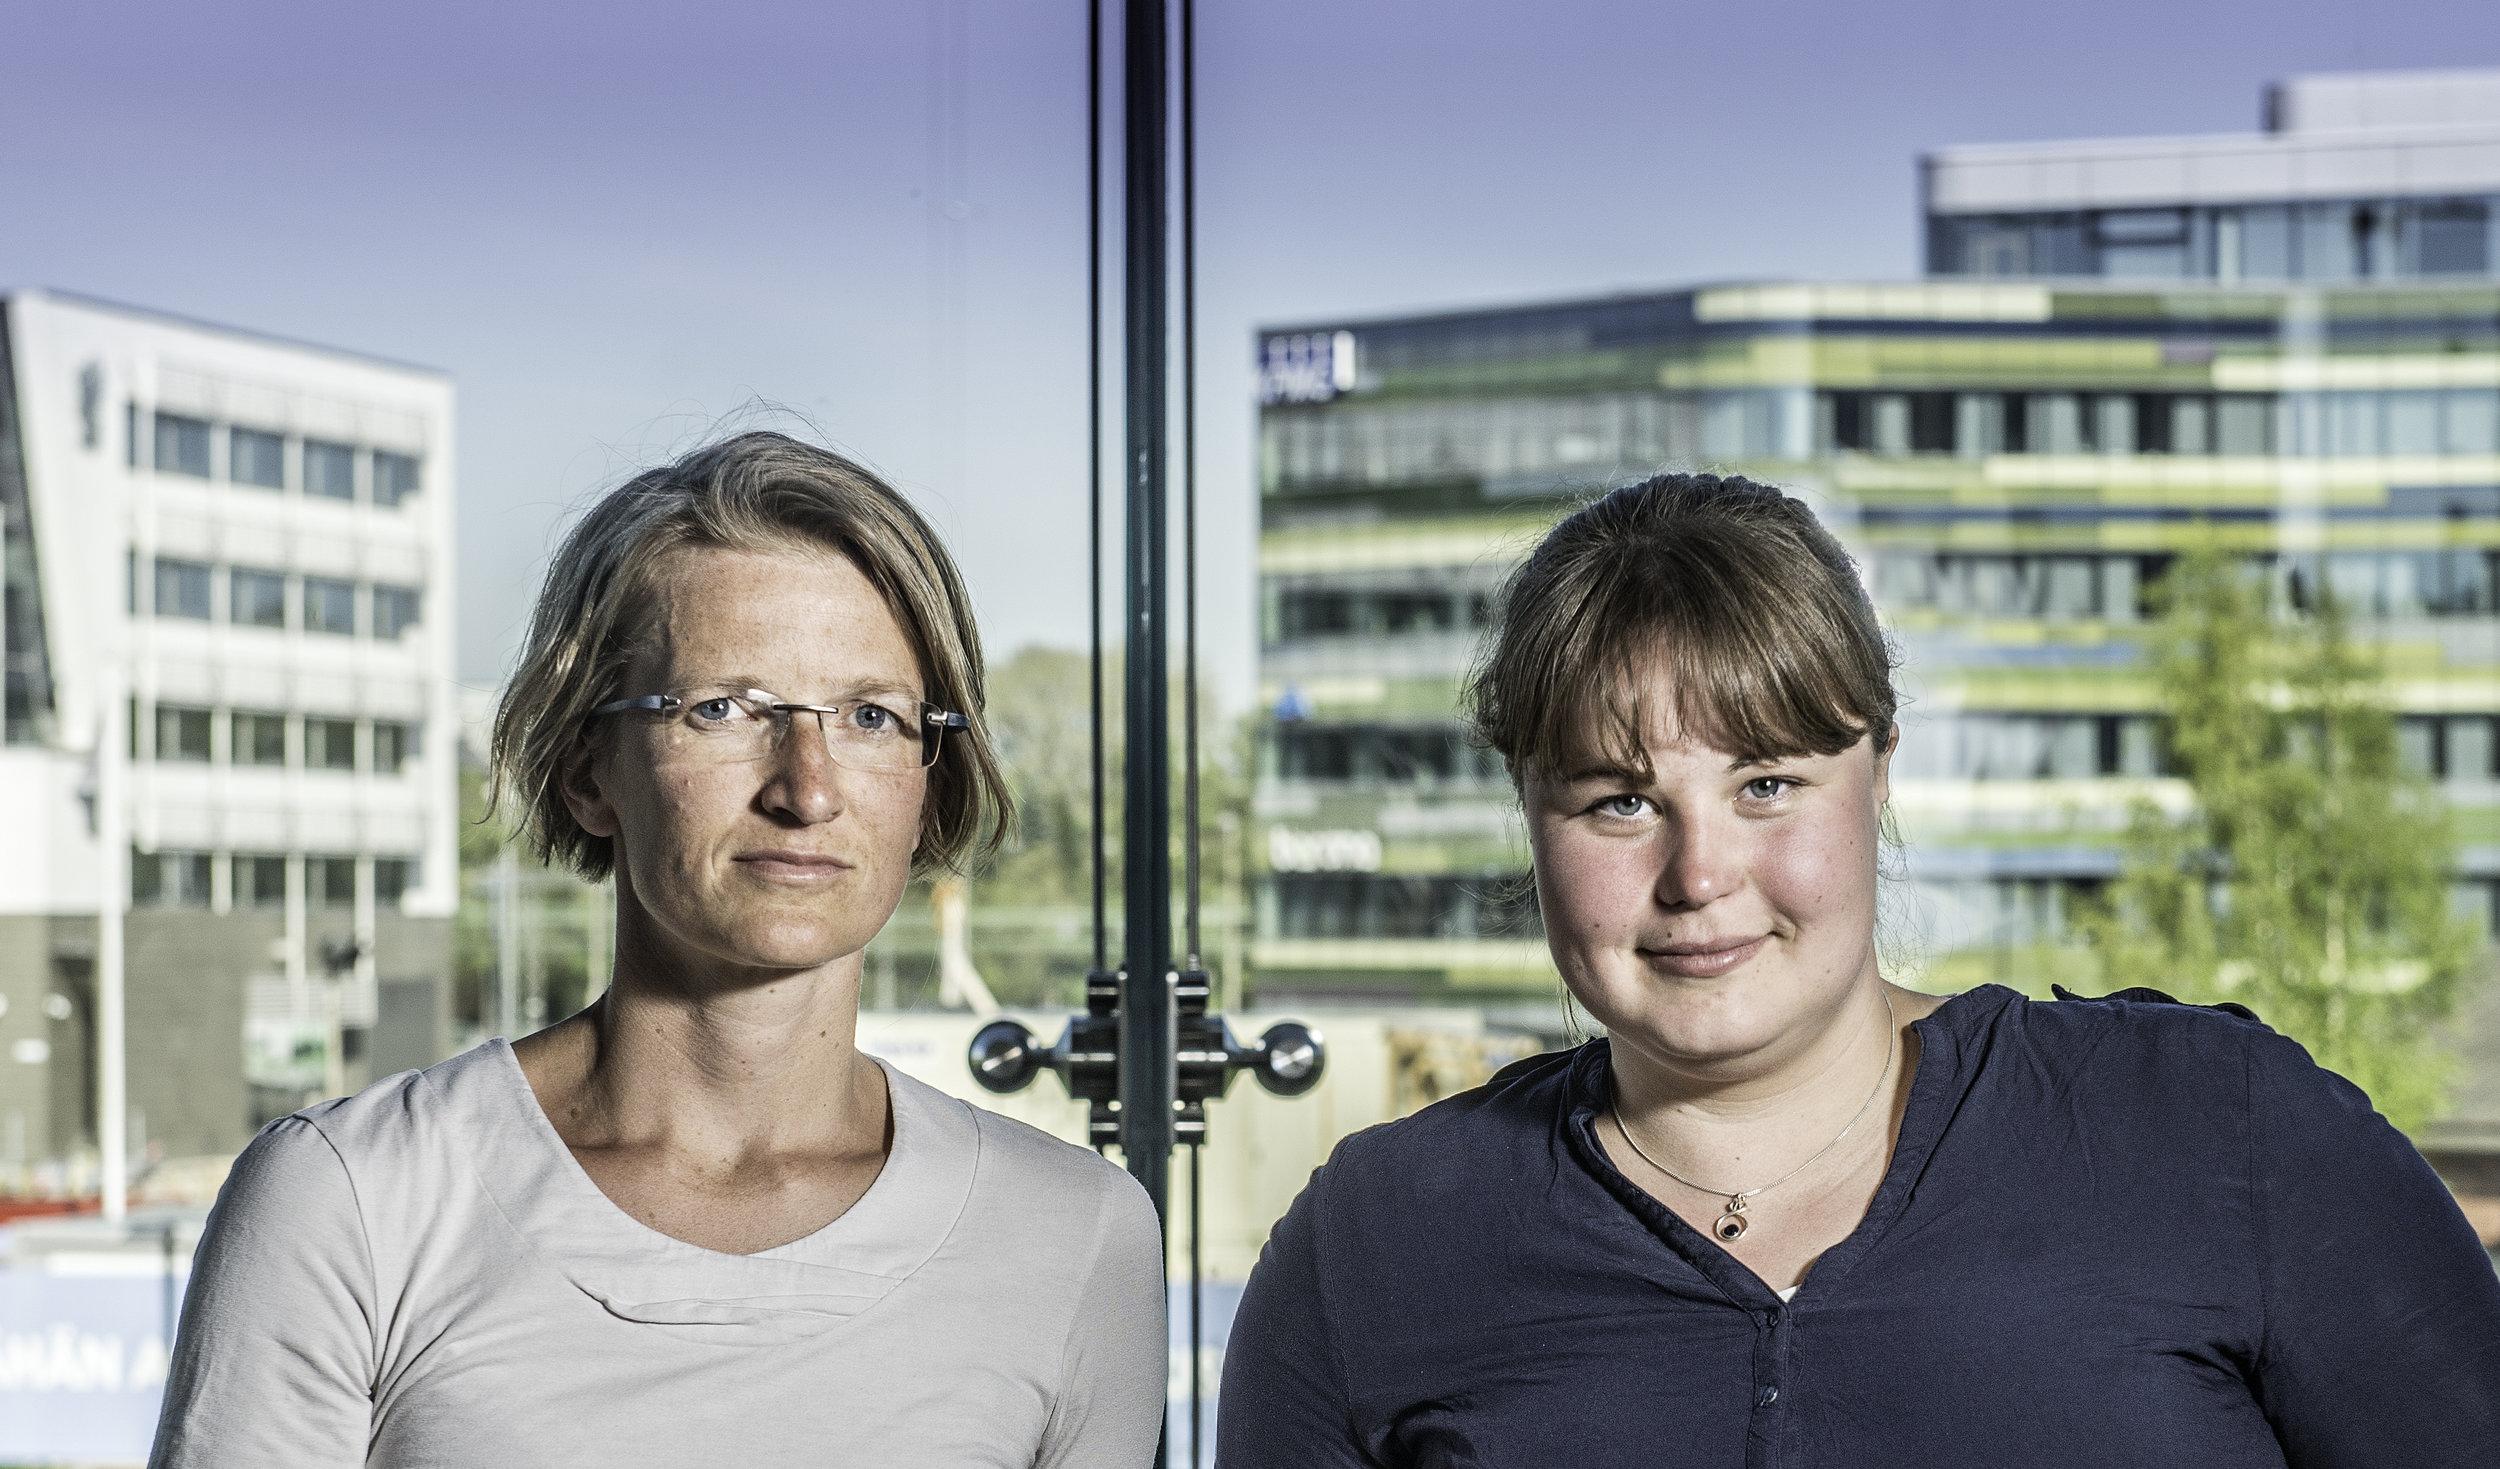 År 2016 bestod Grävgruppens kärntrupp av Lina Laurent och Annica Lindström, vilka också kunde beställas för föreläsningar. Foto: Karl Vilhjálmsson, 2016.